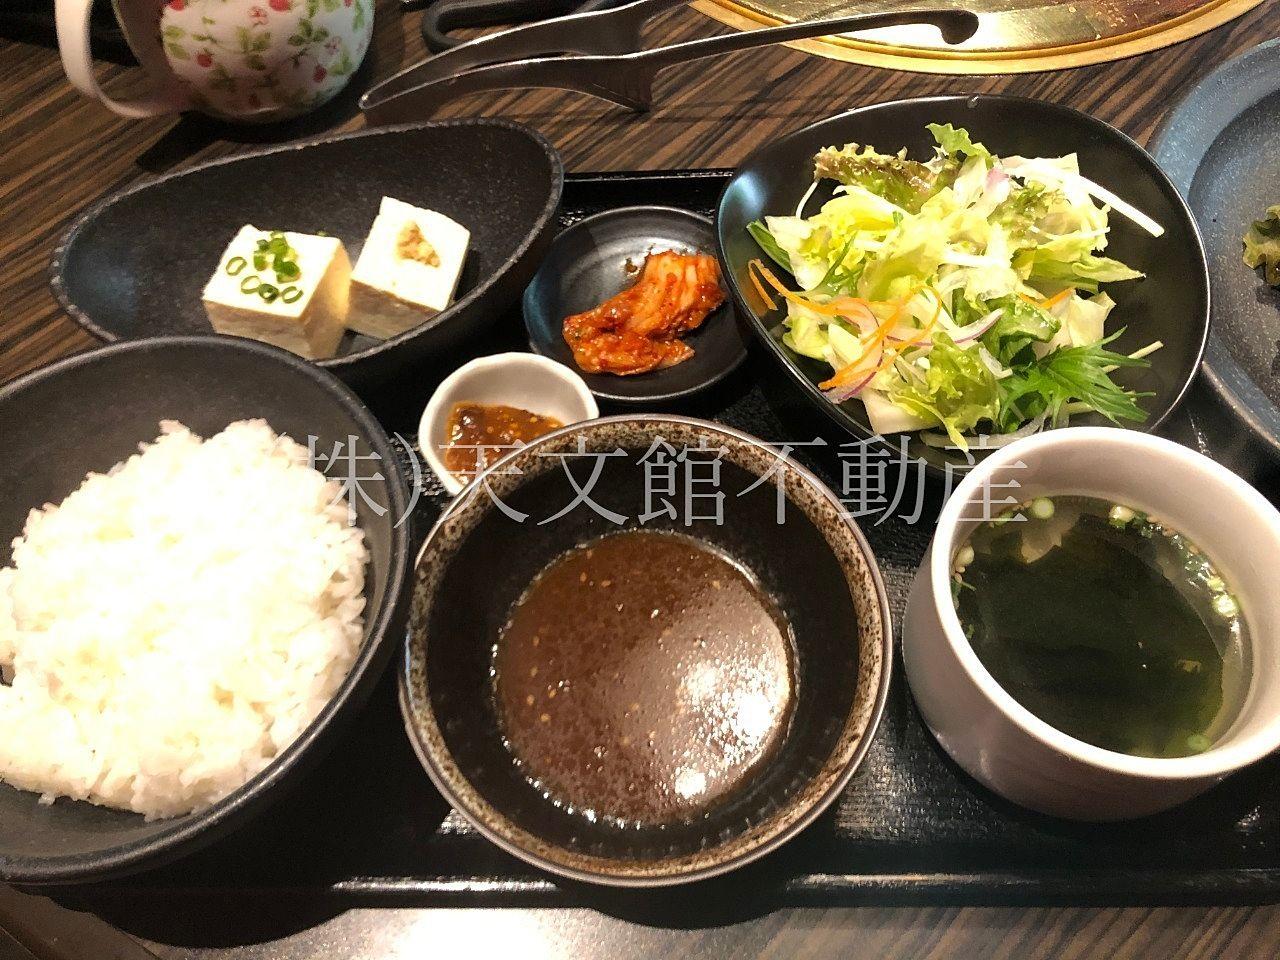 鹿児島県日置市伊集院町猪鹿倉の焼肉・たべもの処松風の定食のお膳は野菜とお豆腐・スープ・キムチ・白ご飯でした。